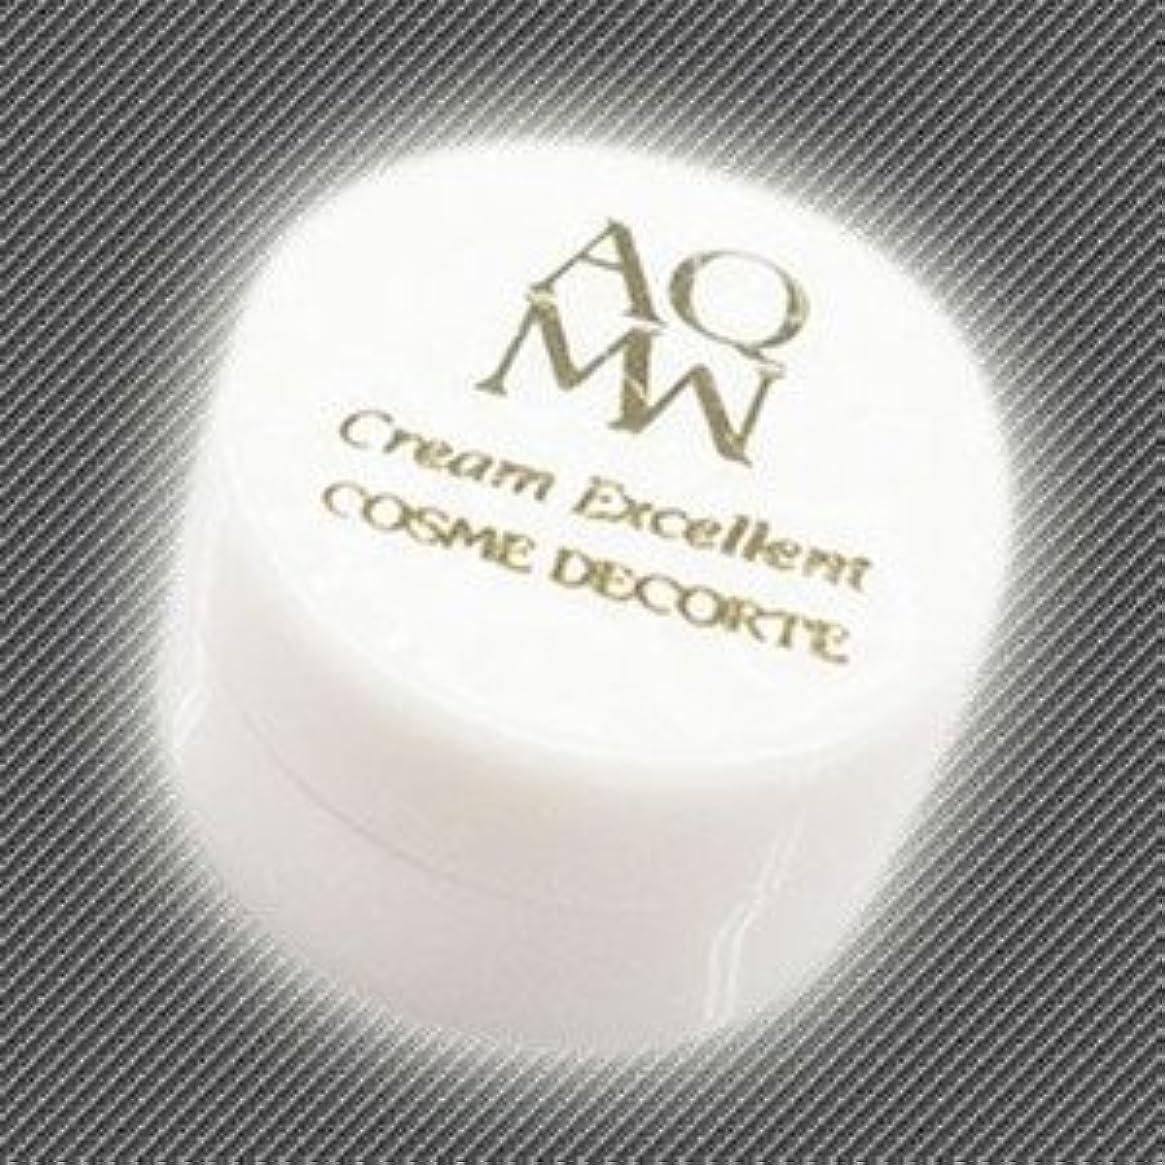 排気遡る明快コスメデコルテ AQ MW クリームエクセレント 2.4ml(ミニ)